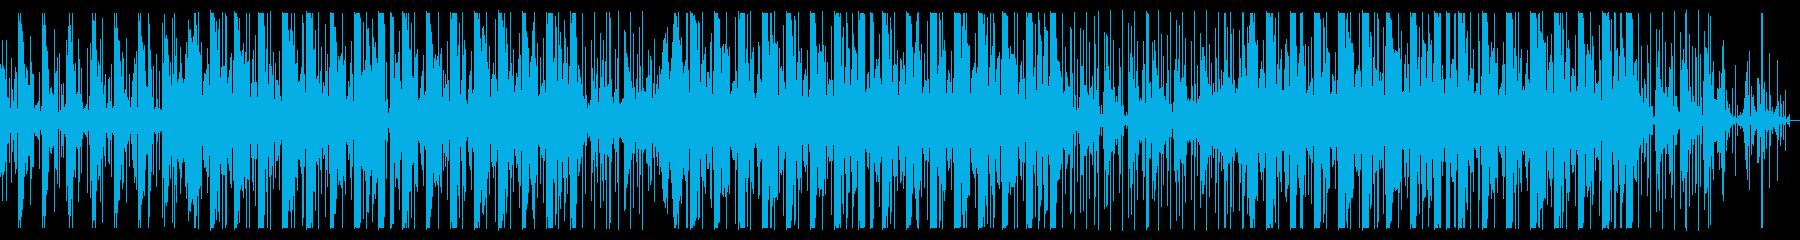 企業VP いやし・チル 38の再生済みの波形